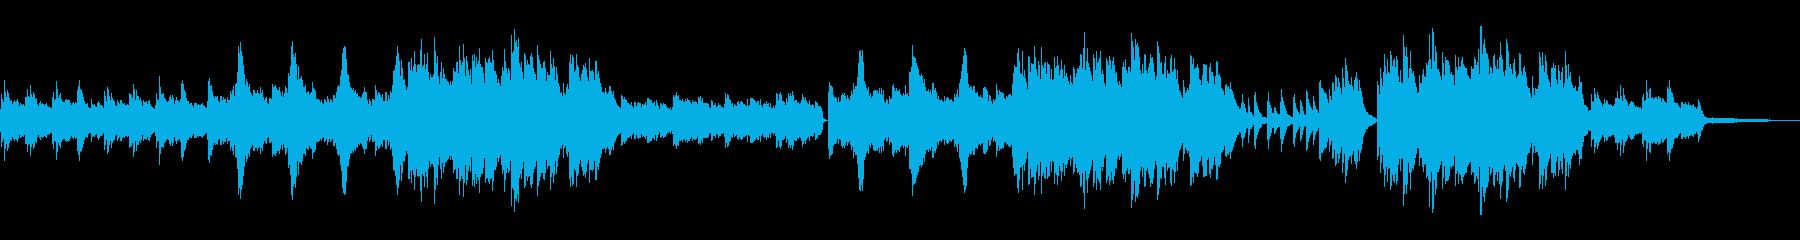 神秘的でノスタルジックなピアノソロの再生済みの波形